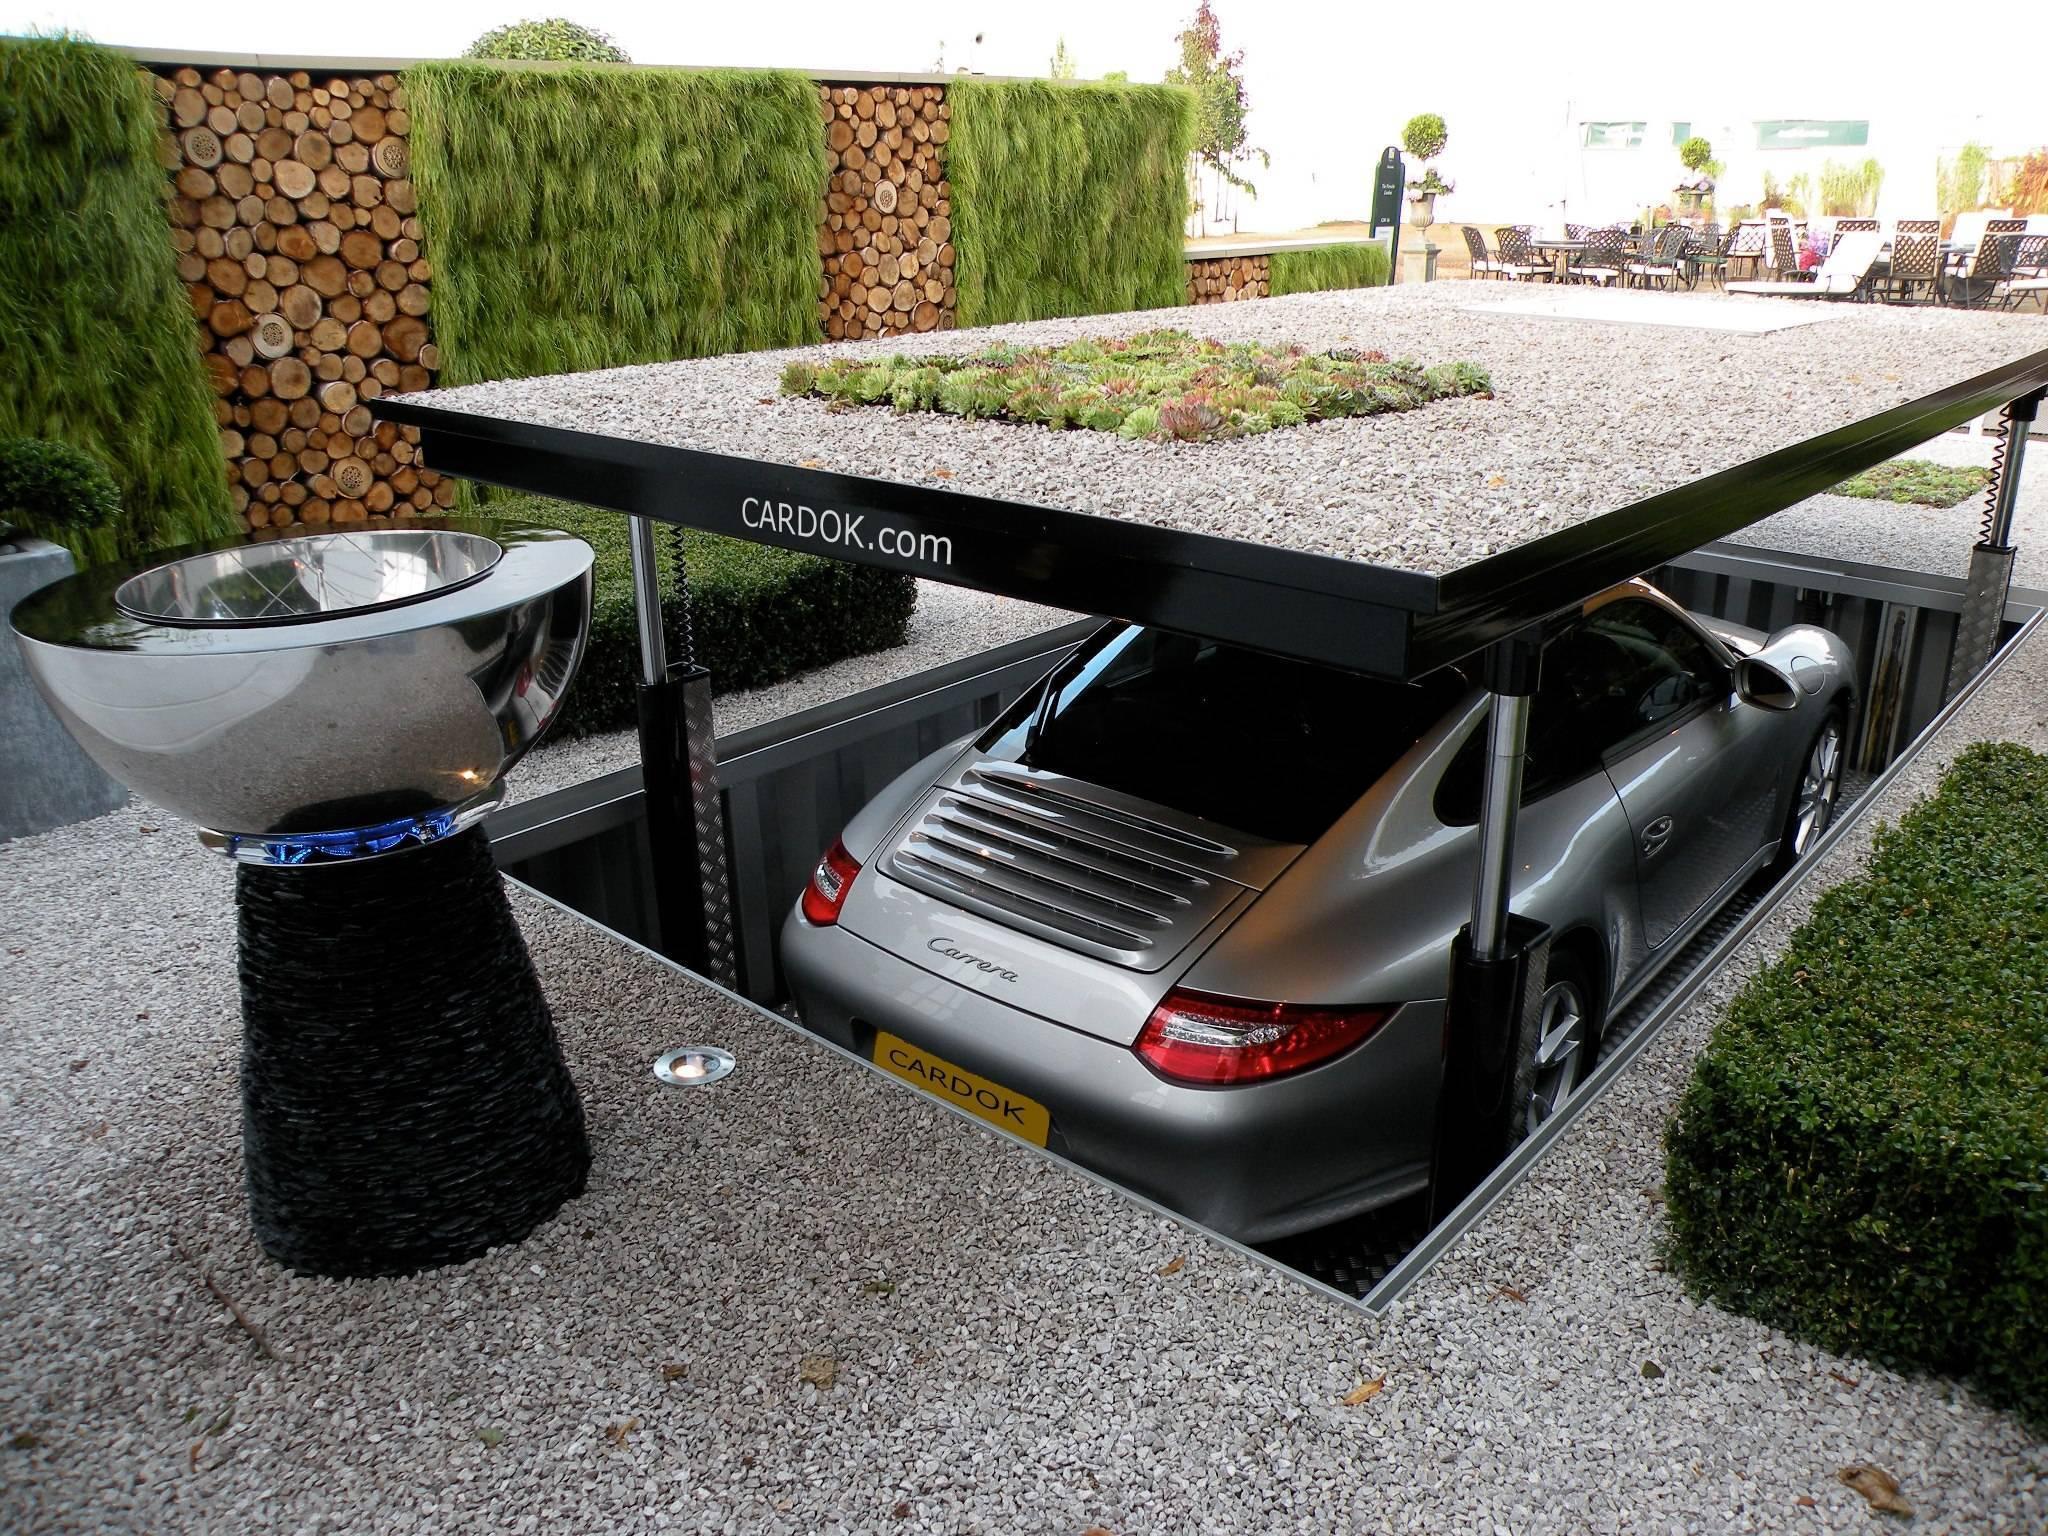 Площадка для автомобиля на даче своими руками: виды парковок, плюсы, минусы и этапы строительства